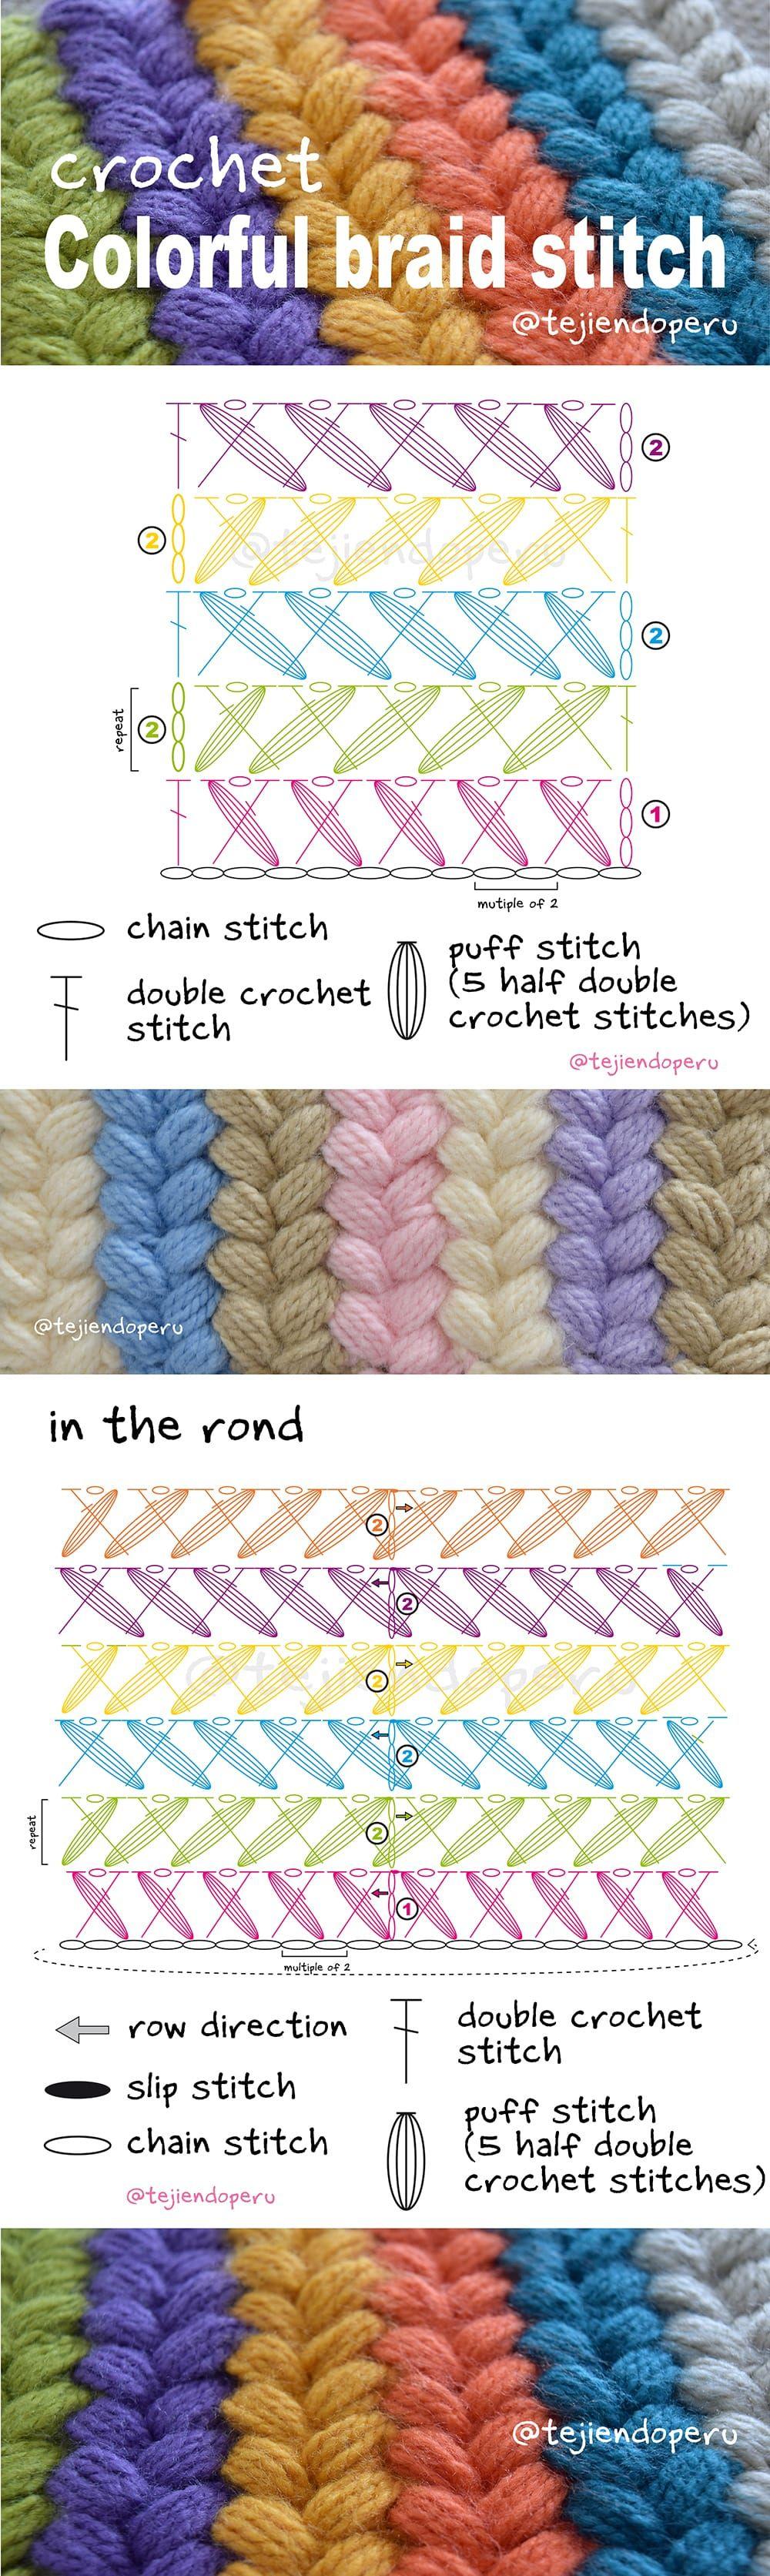 Colorful braid crochet stitch | crochet | Pinterest | Trenza, Perú y ...